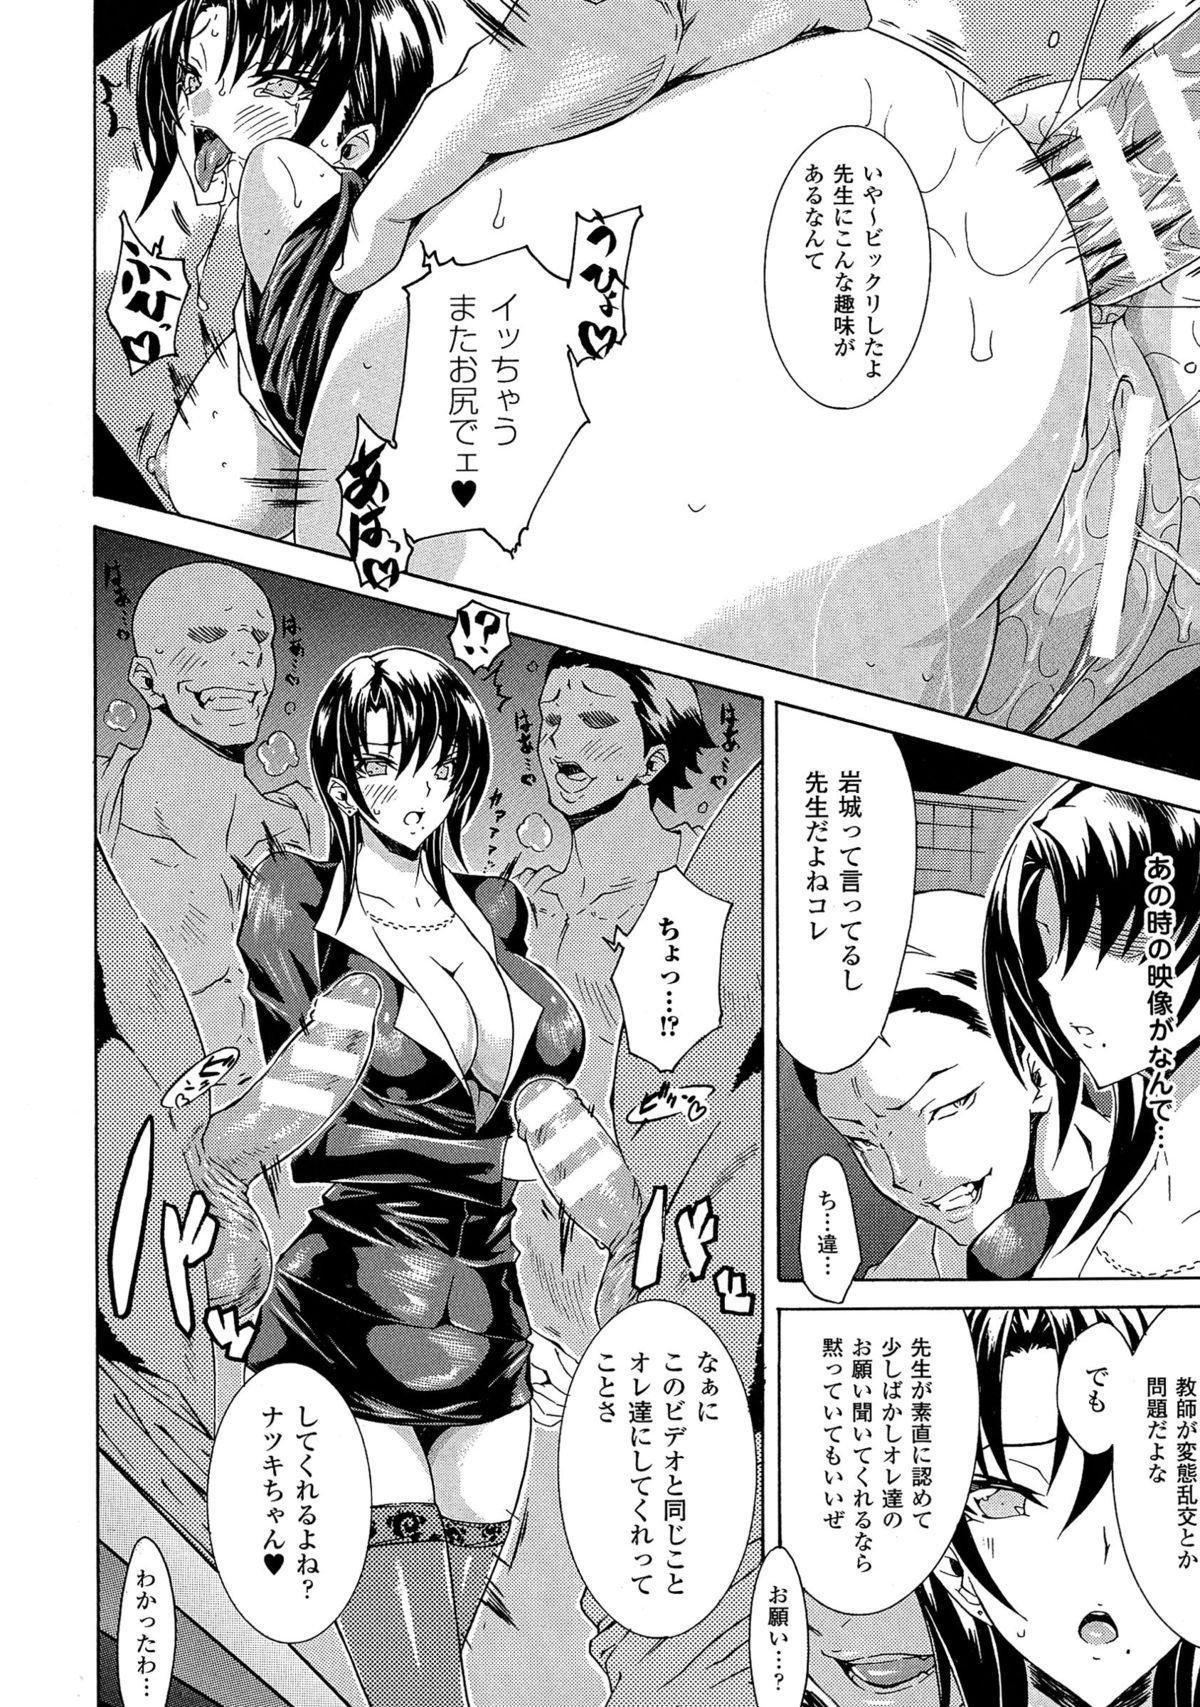 Kachiki na Onna ga Buzama na Ahegao o Sarasu made 67